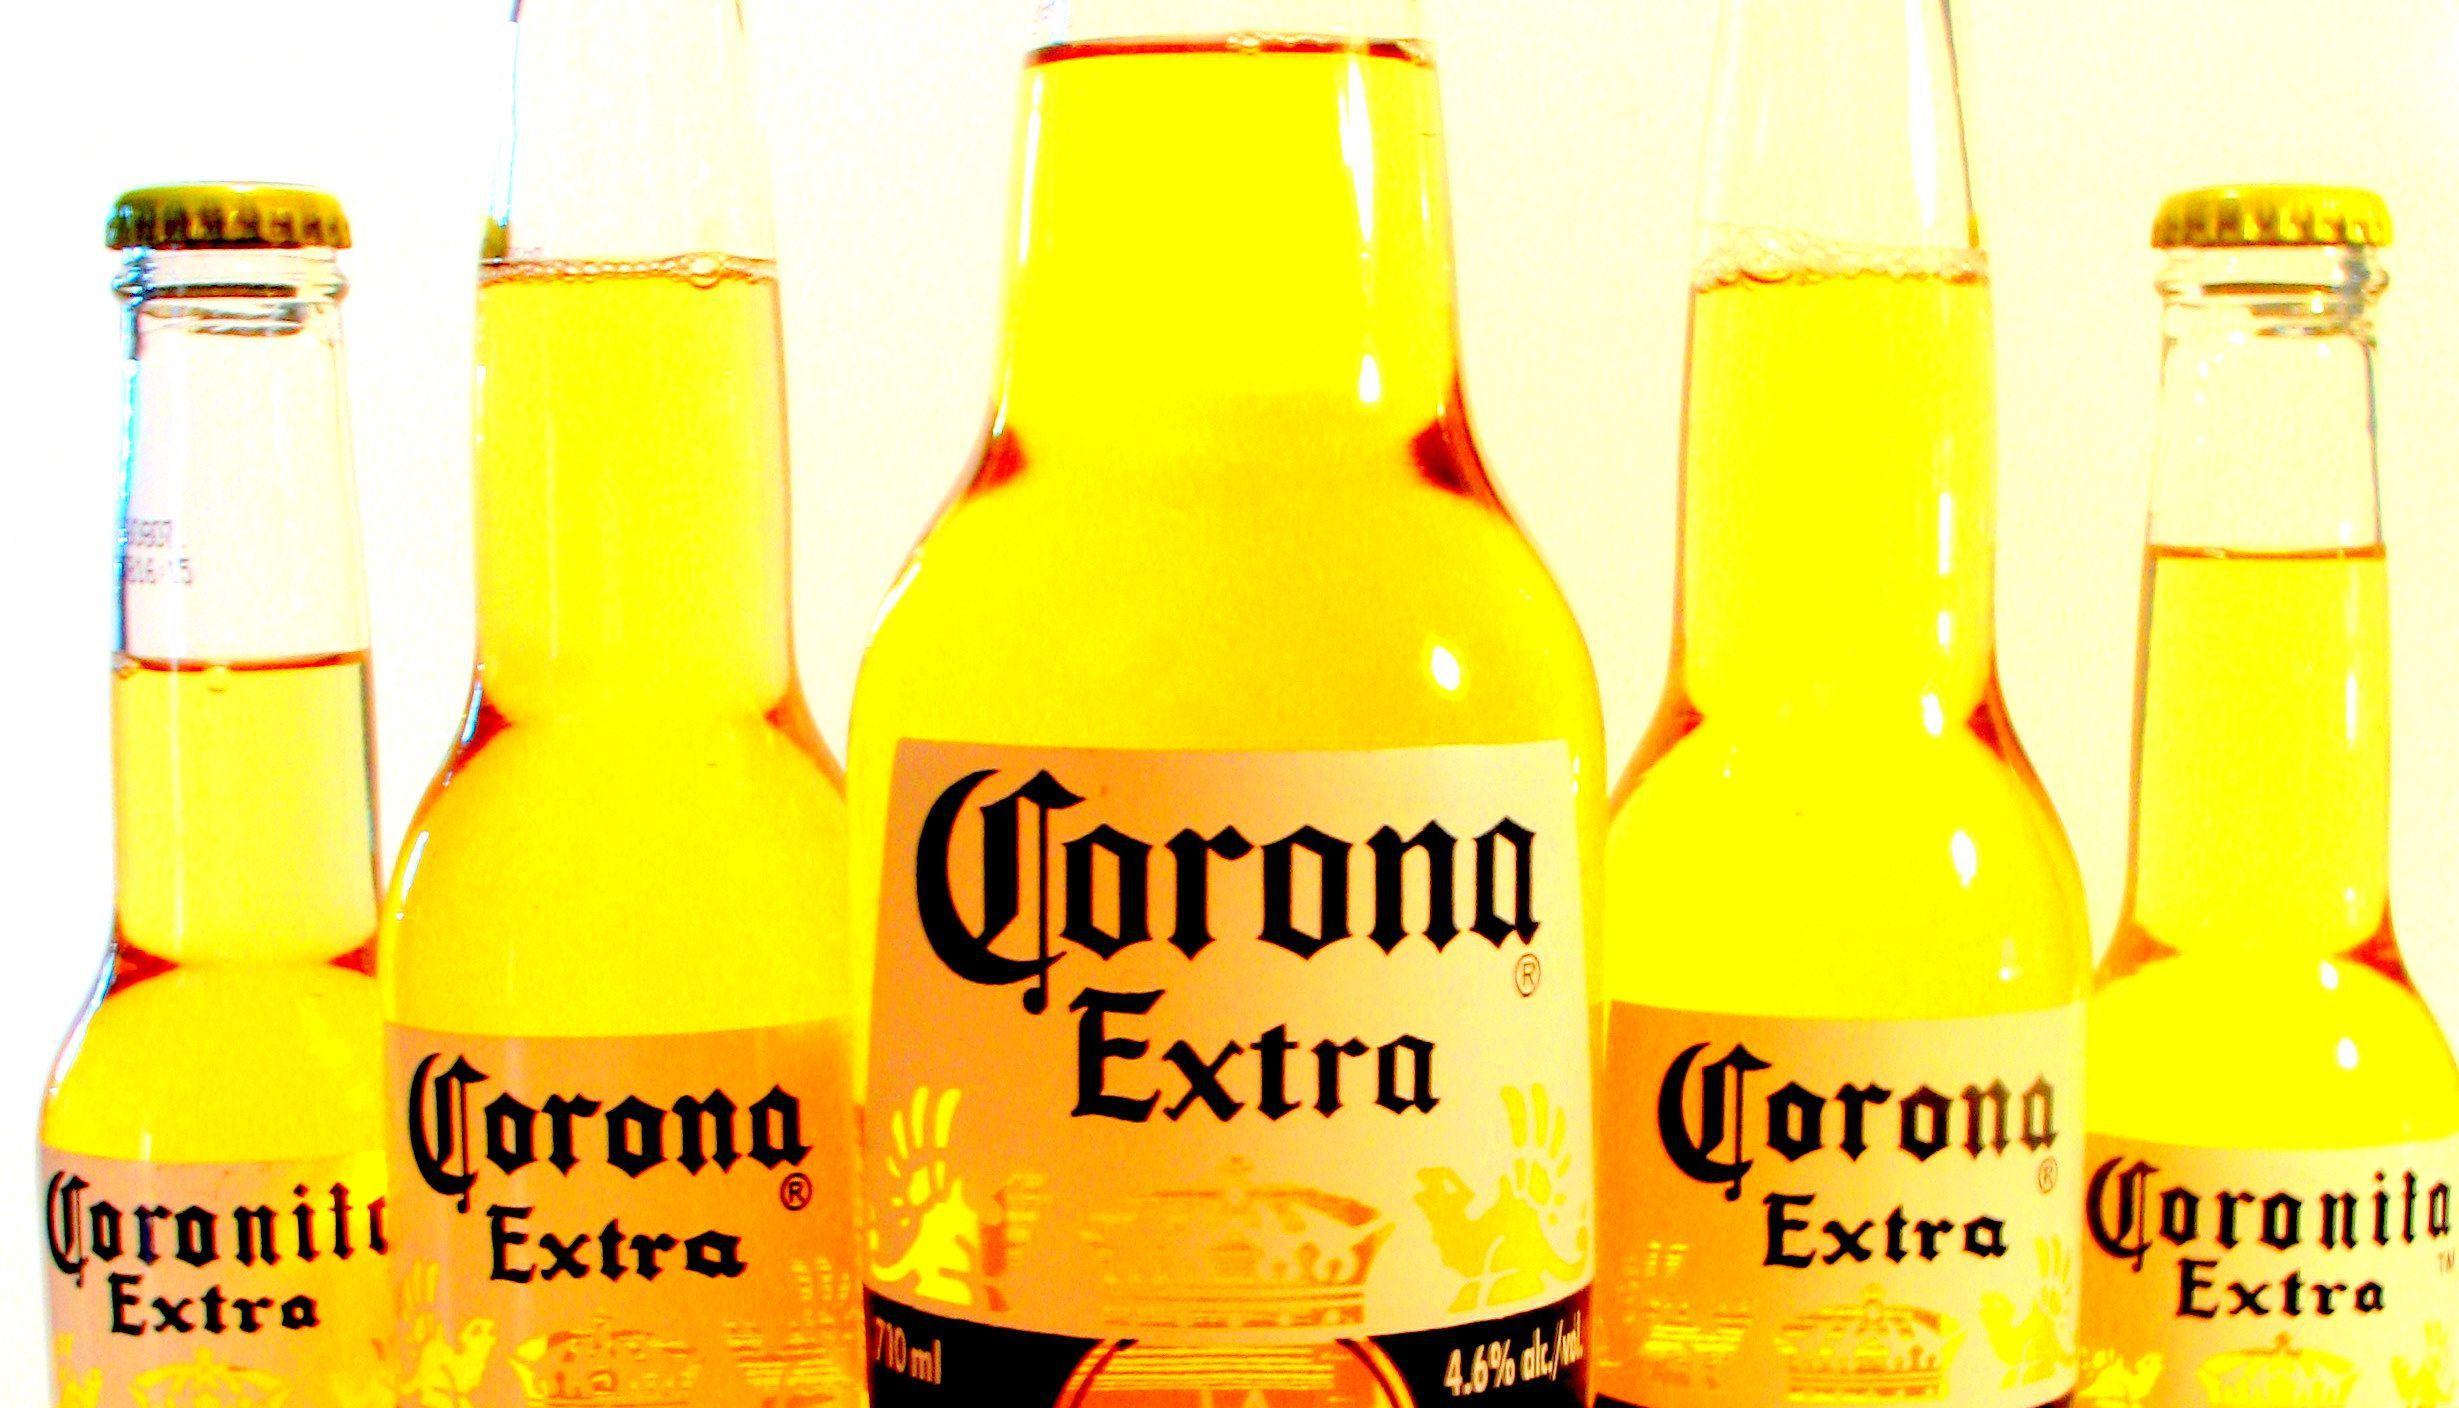 Corona Extra Wallpaper